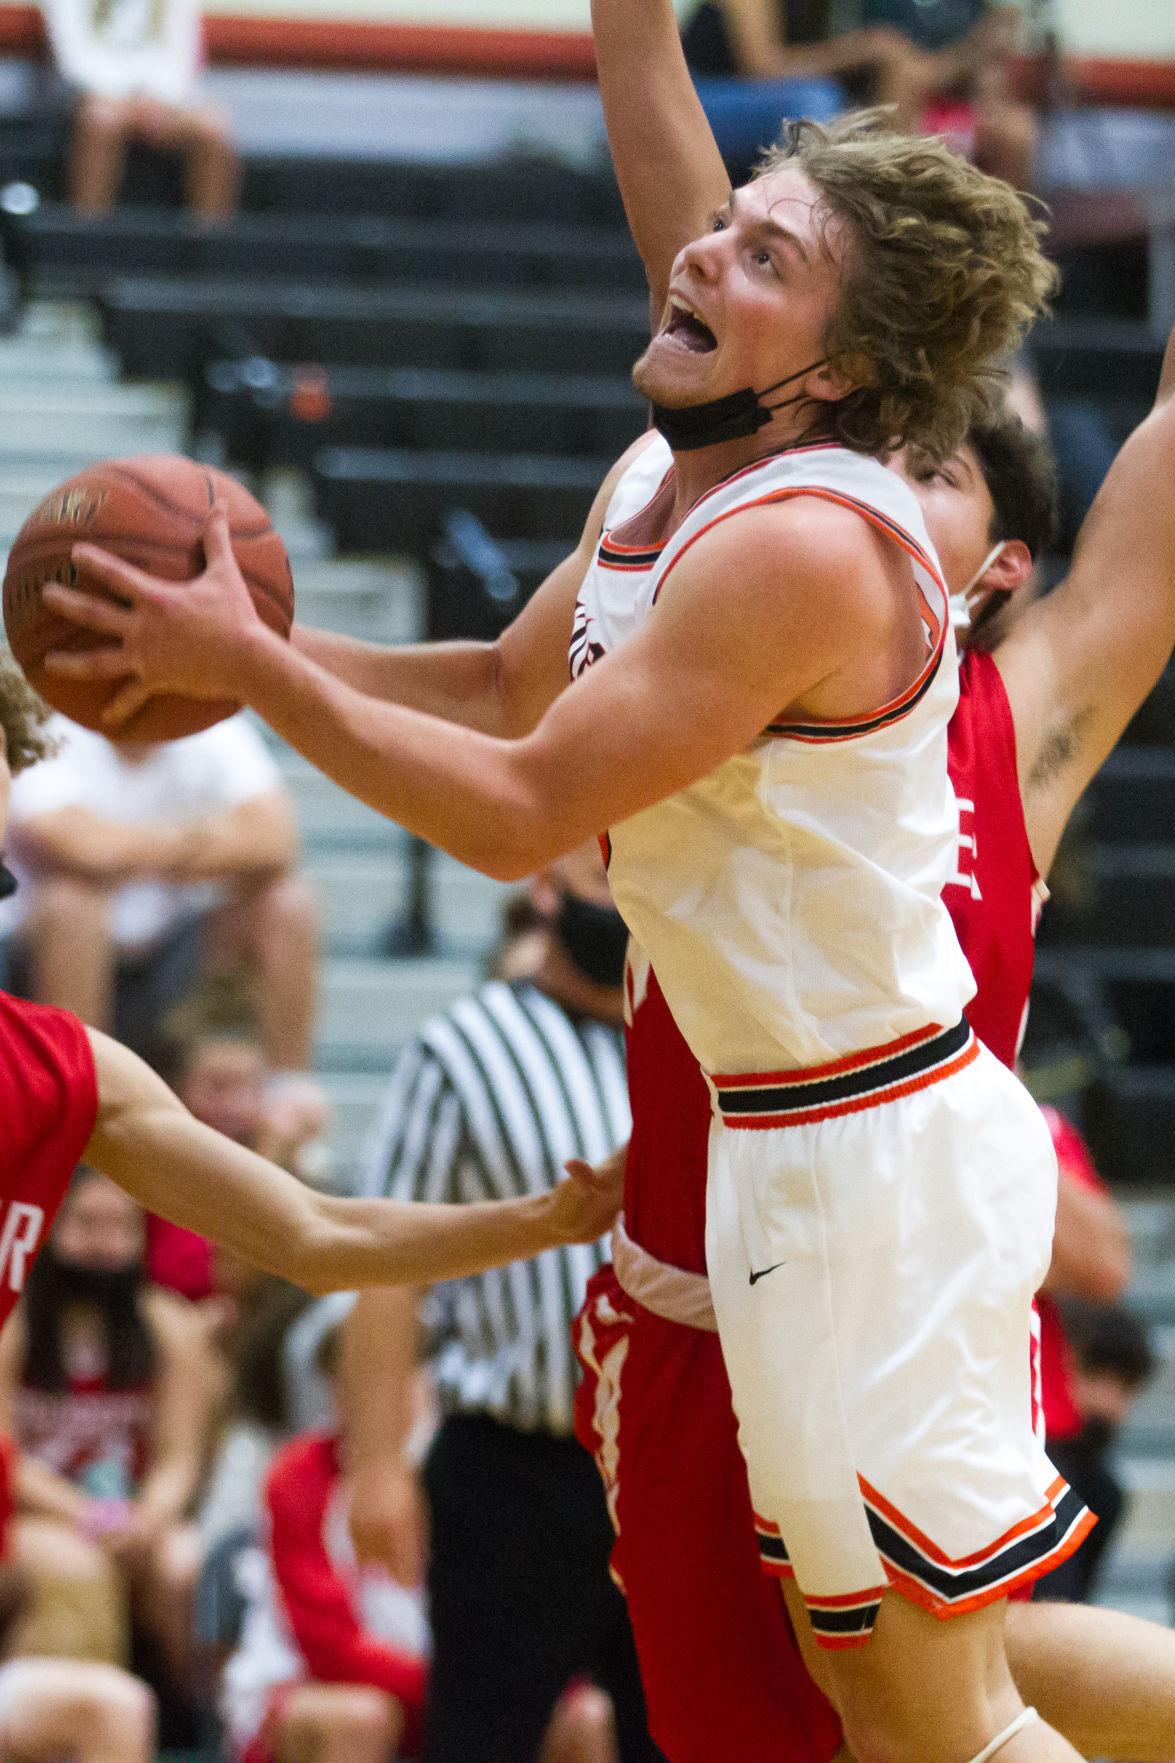 June 1 | Zillah vs. Prosser basketball